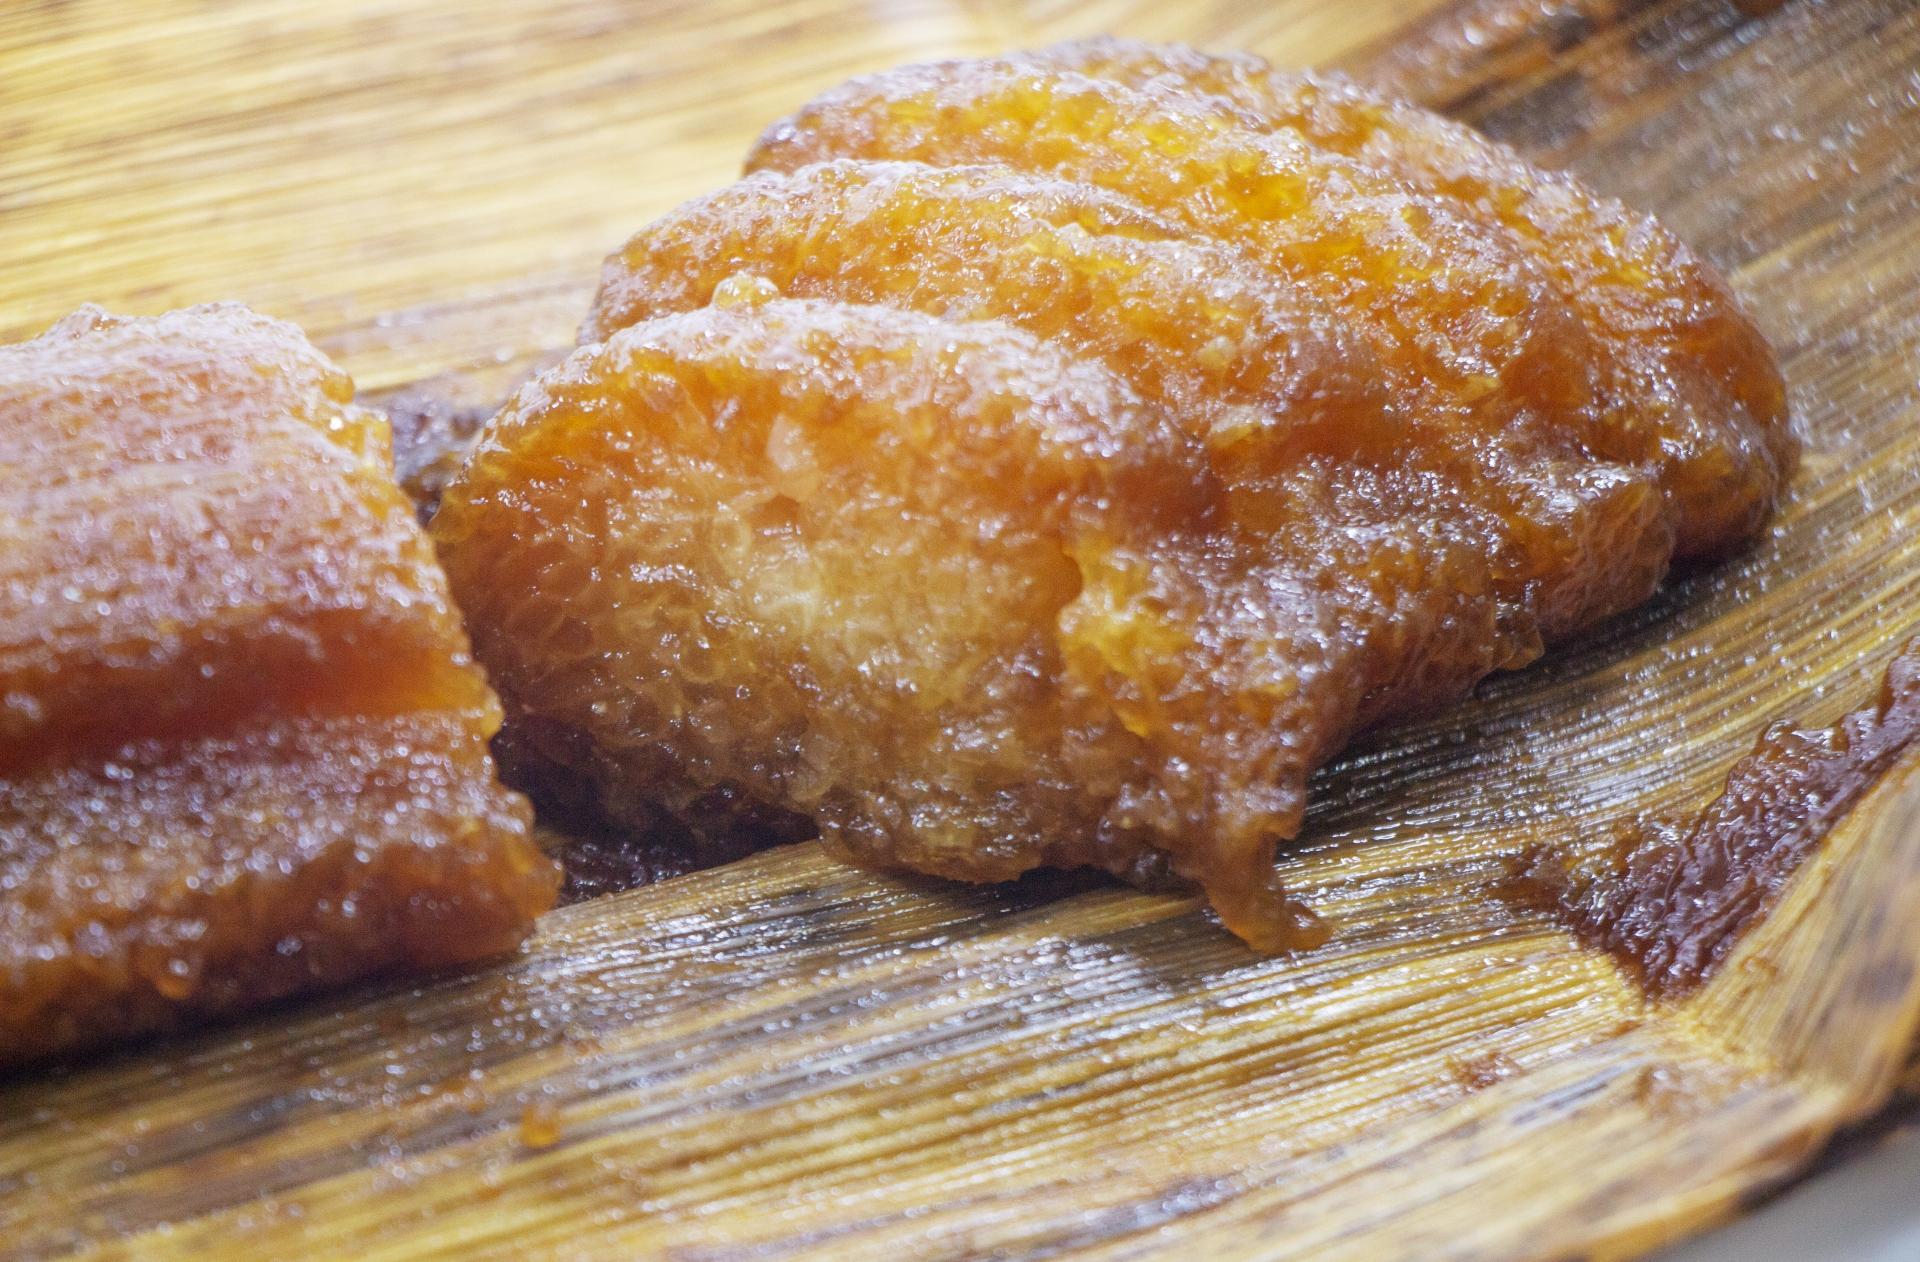 鹿児島の郷土スイーツ「あくまき」が美味しい!本場の味を通販で!